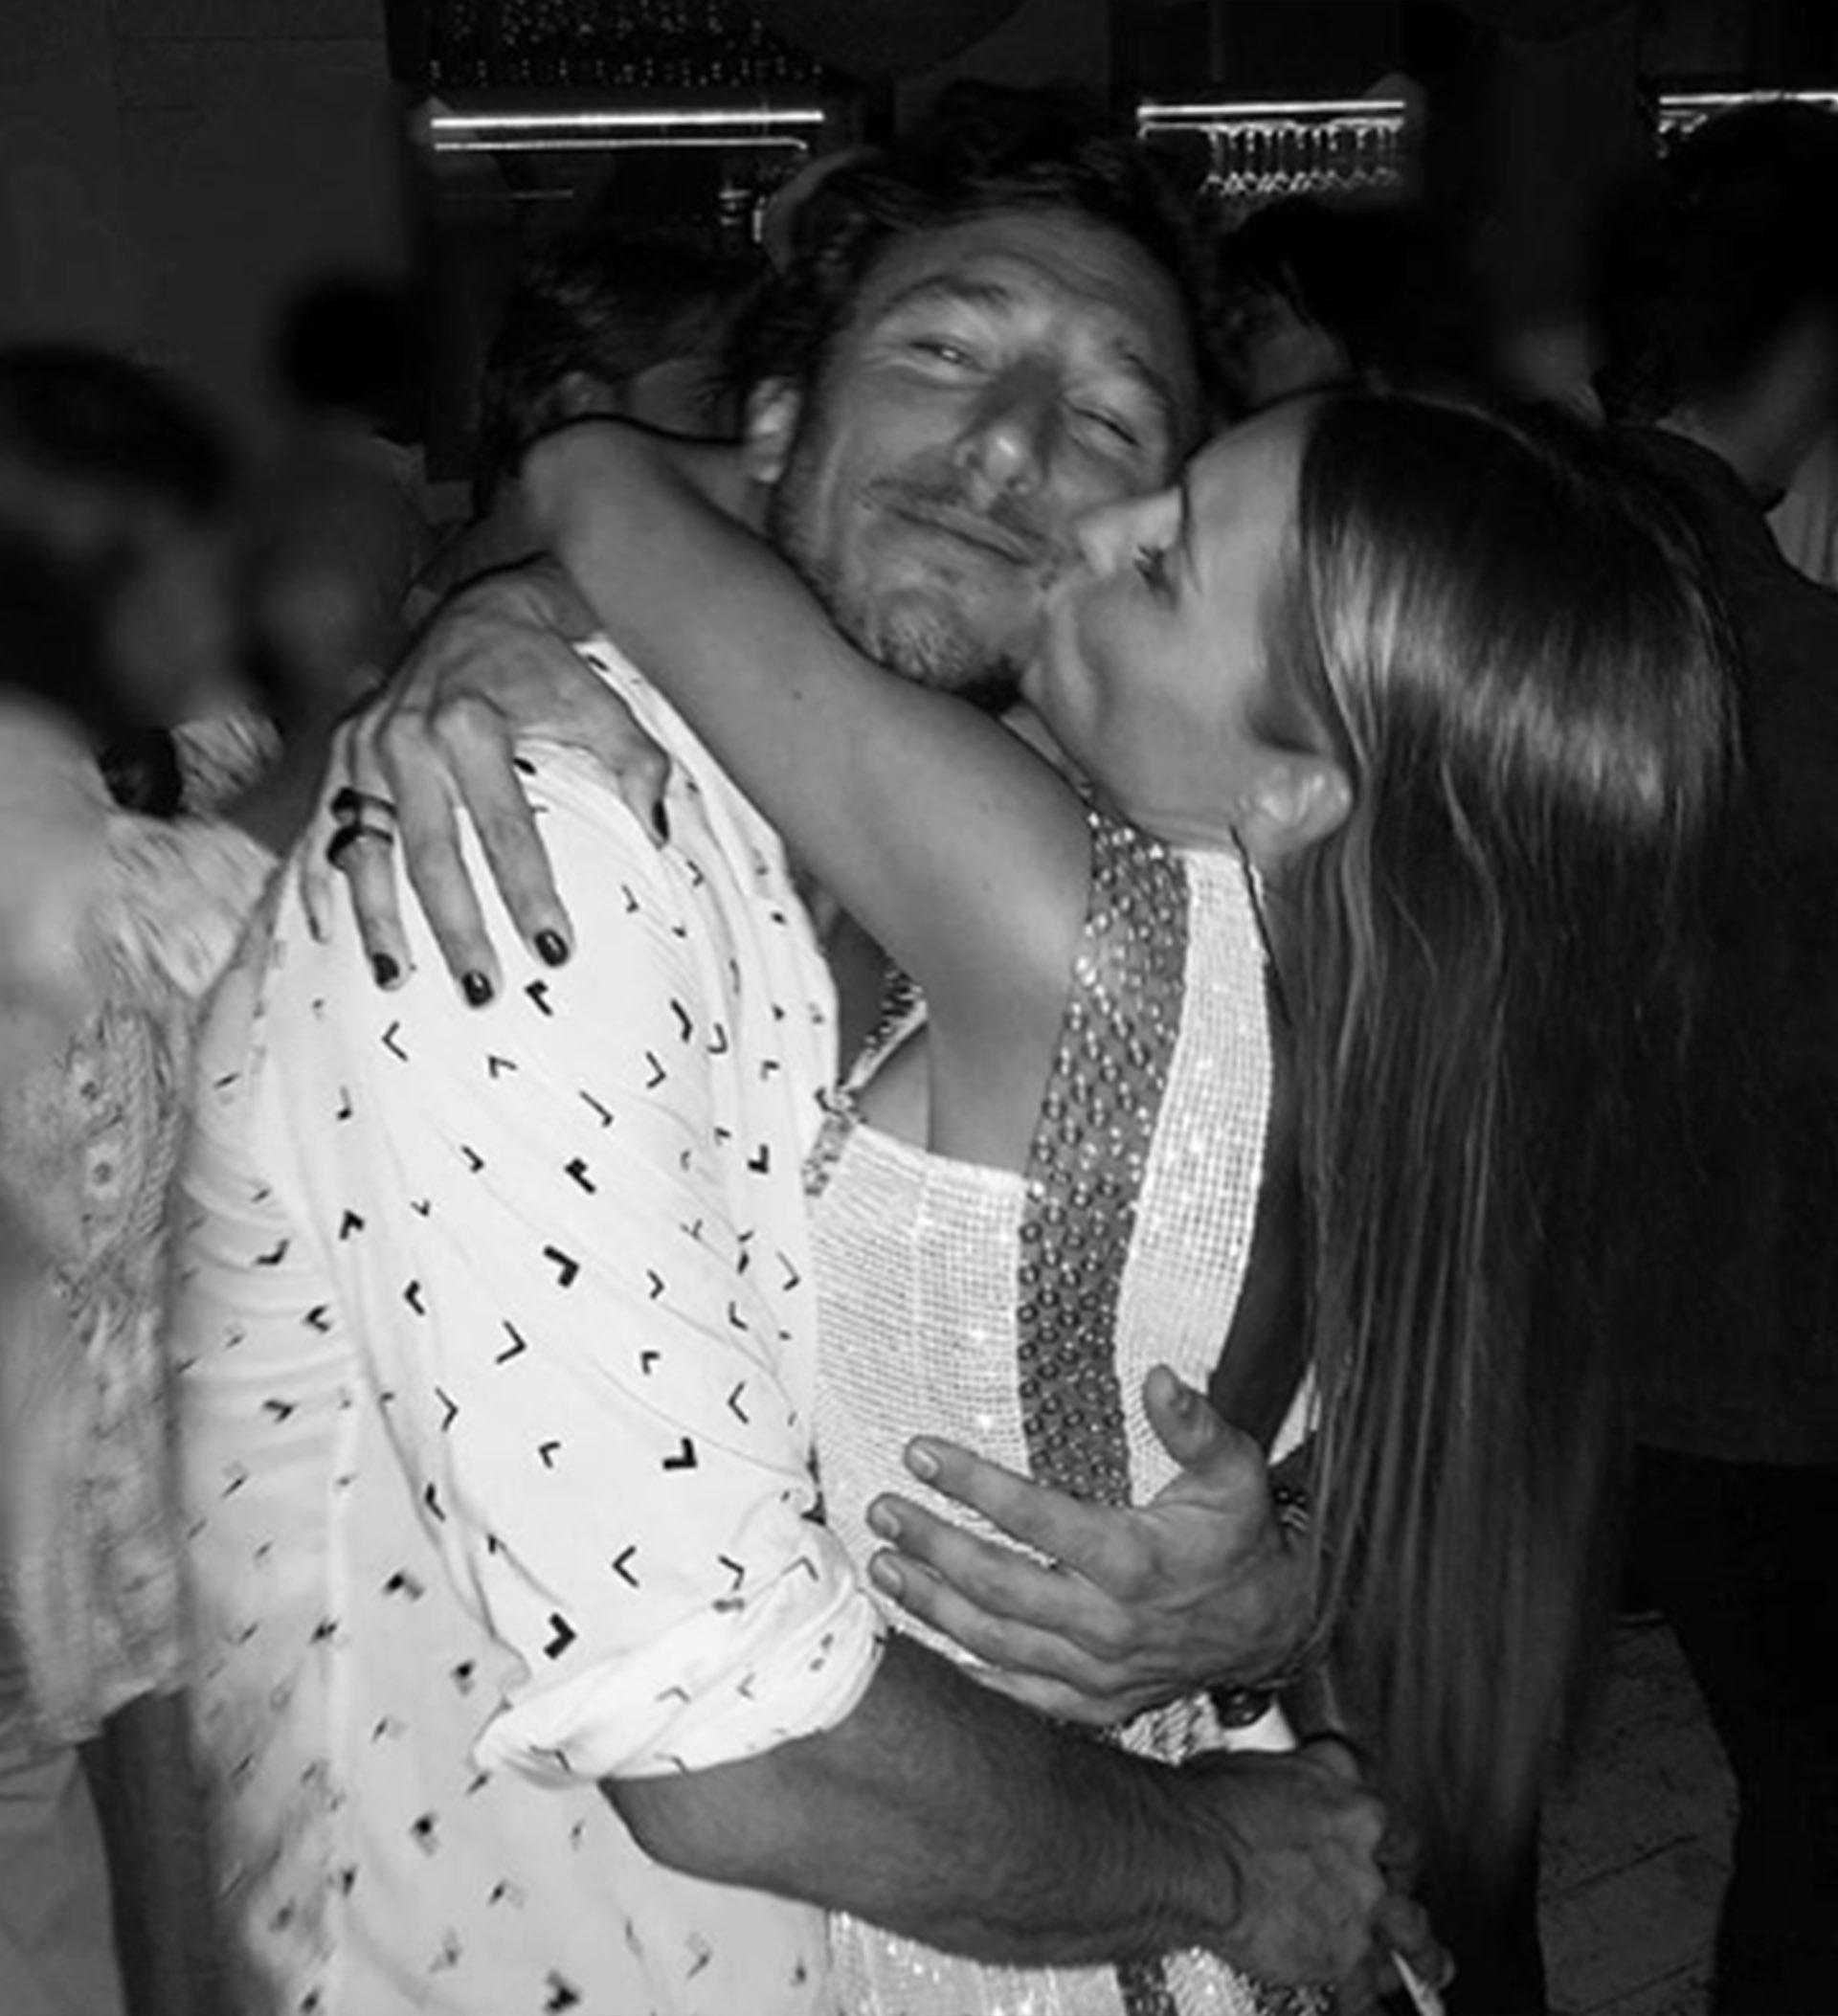 Pampita y Pico recibieron el Año Nuevo en Punta, luego de estar separados durante siete meses. La pareja no oculta más su reconciliación ¡Qué viva el amor!